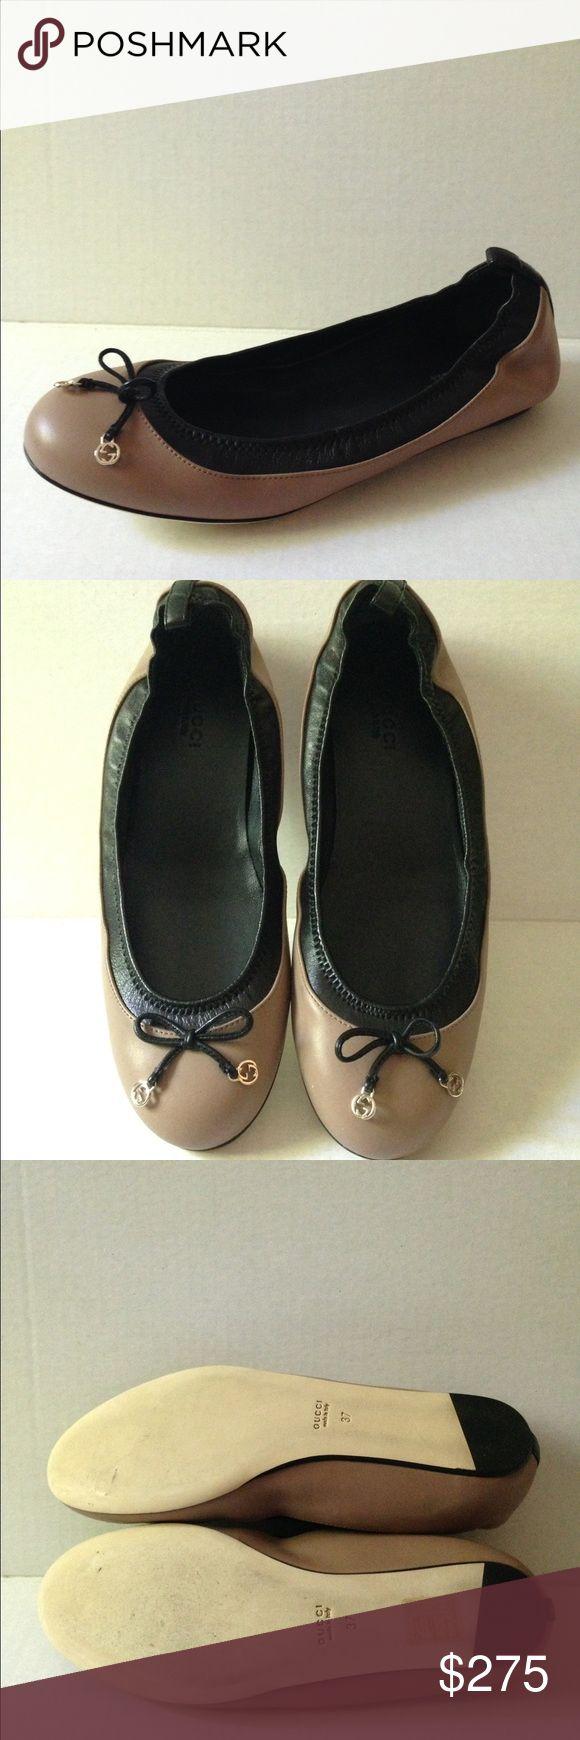 Sold Nwt Winter Rose Gucci Flats Gucci Flats Gucci Shoes Gucci